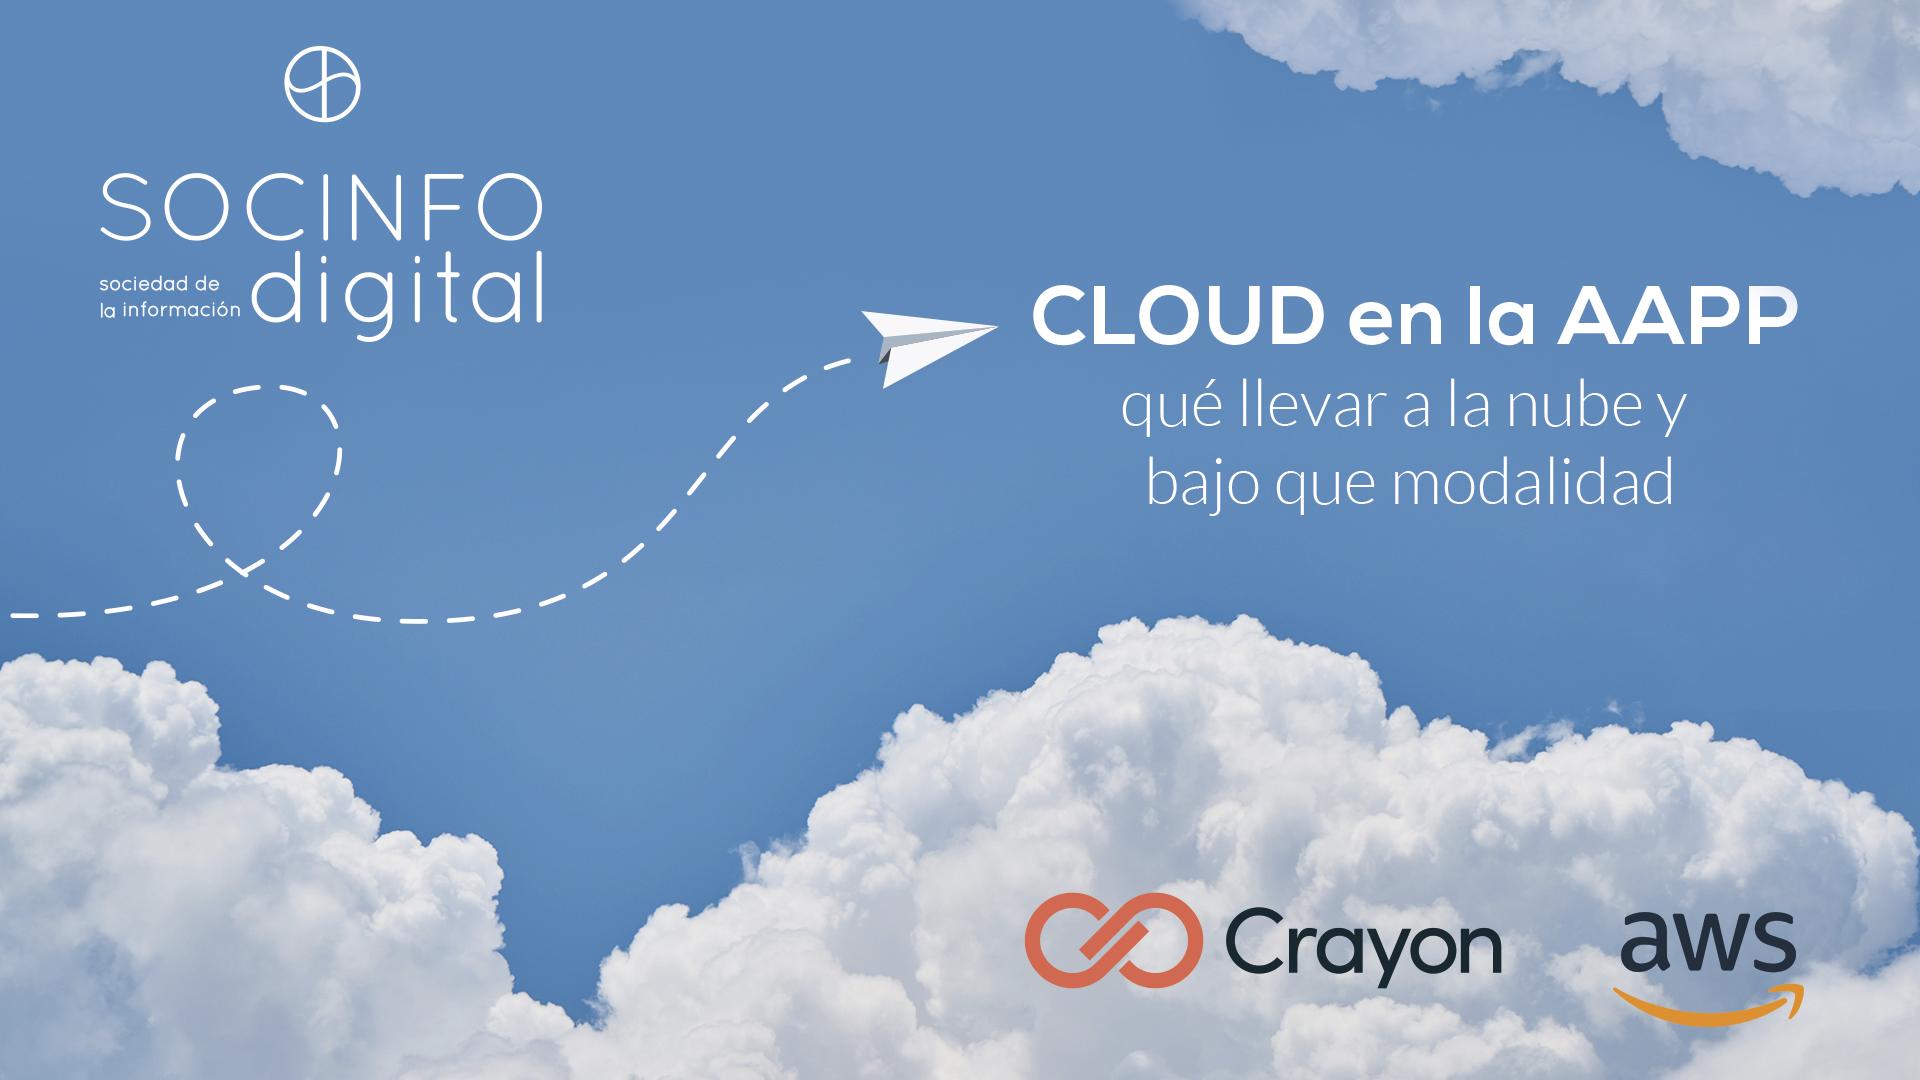 Cloud en la AAPP: qué llevar a la nube y bajo que modalidad